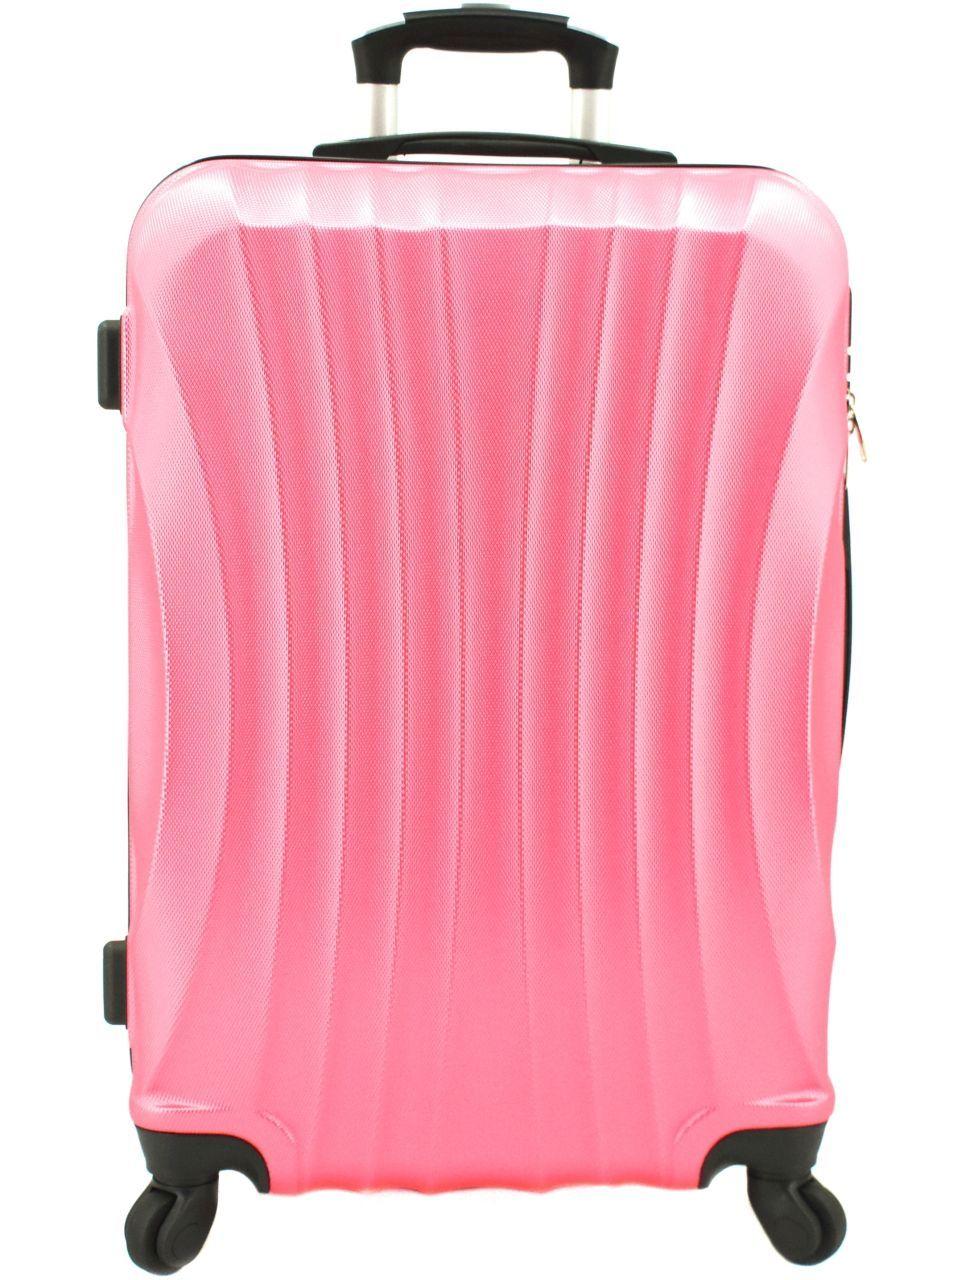 Cestovní palubní kufr Arteddy / 4 kolečka (S) 40l - růžová